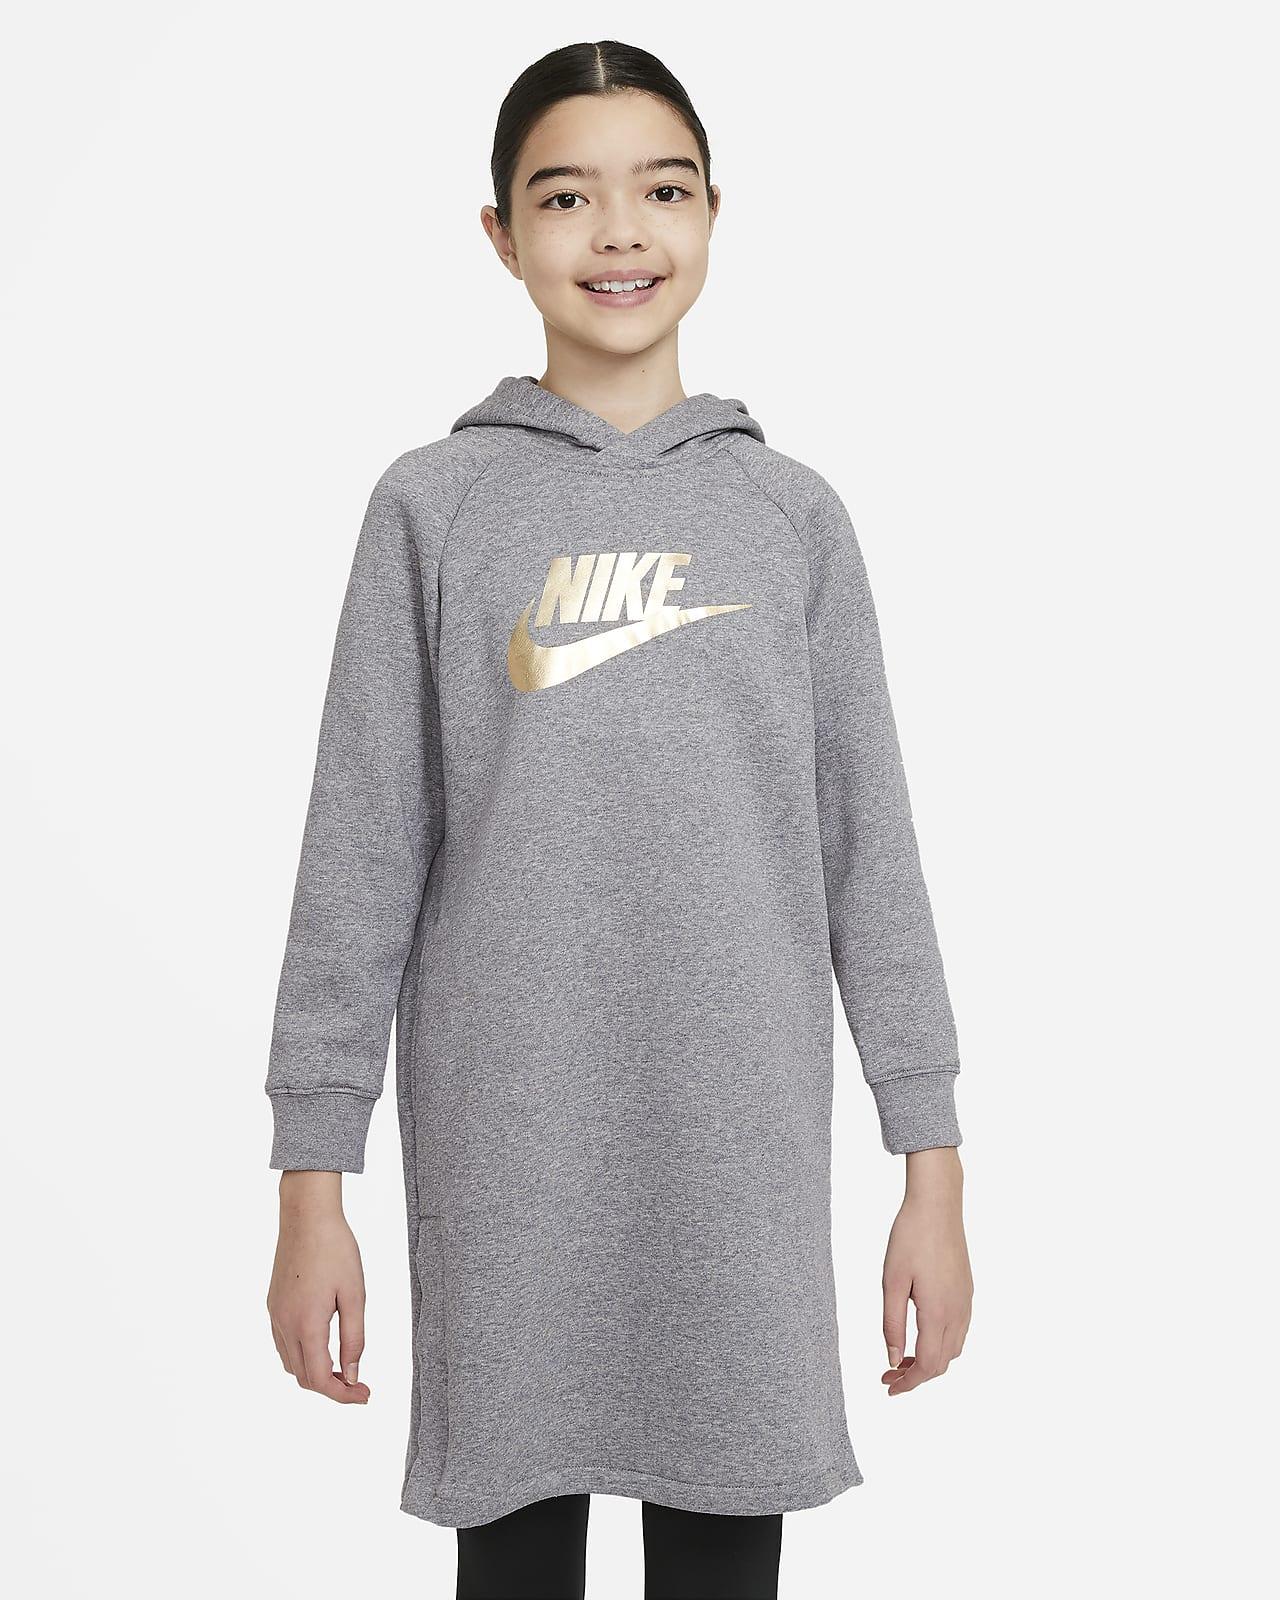 Nike Sportswear-hættekjole til store børn (piger)